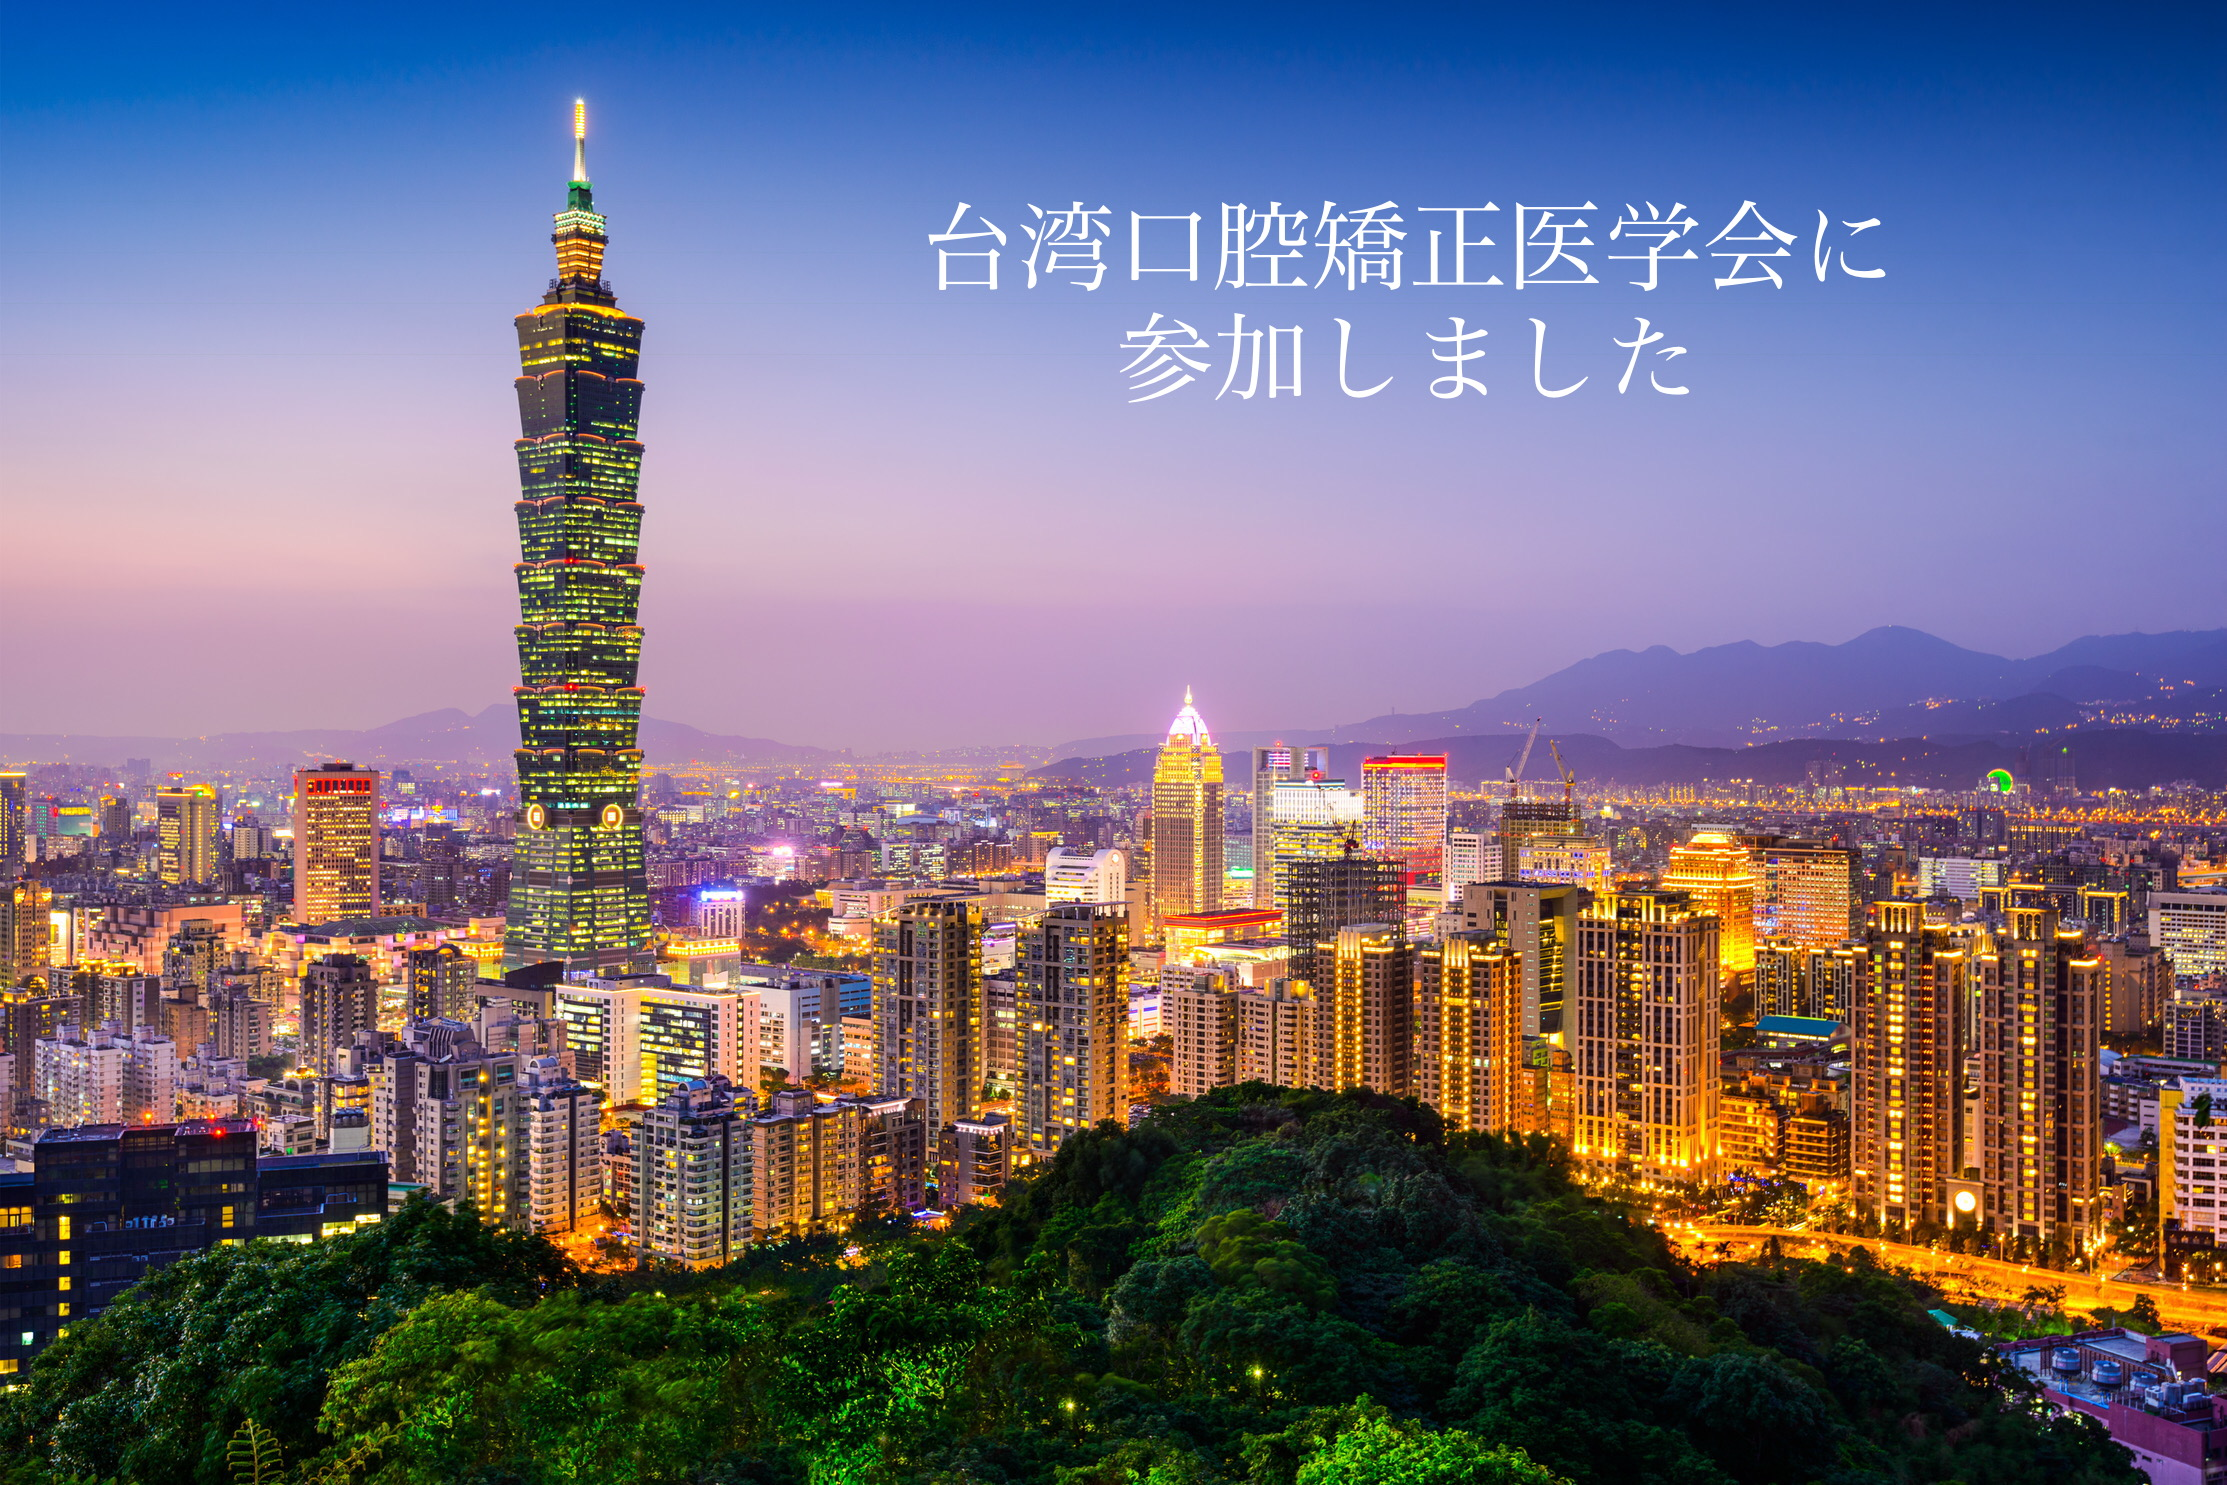 台湾口腔矯正医學会